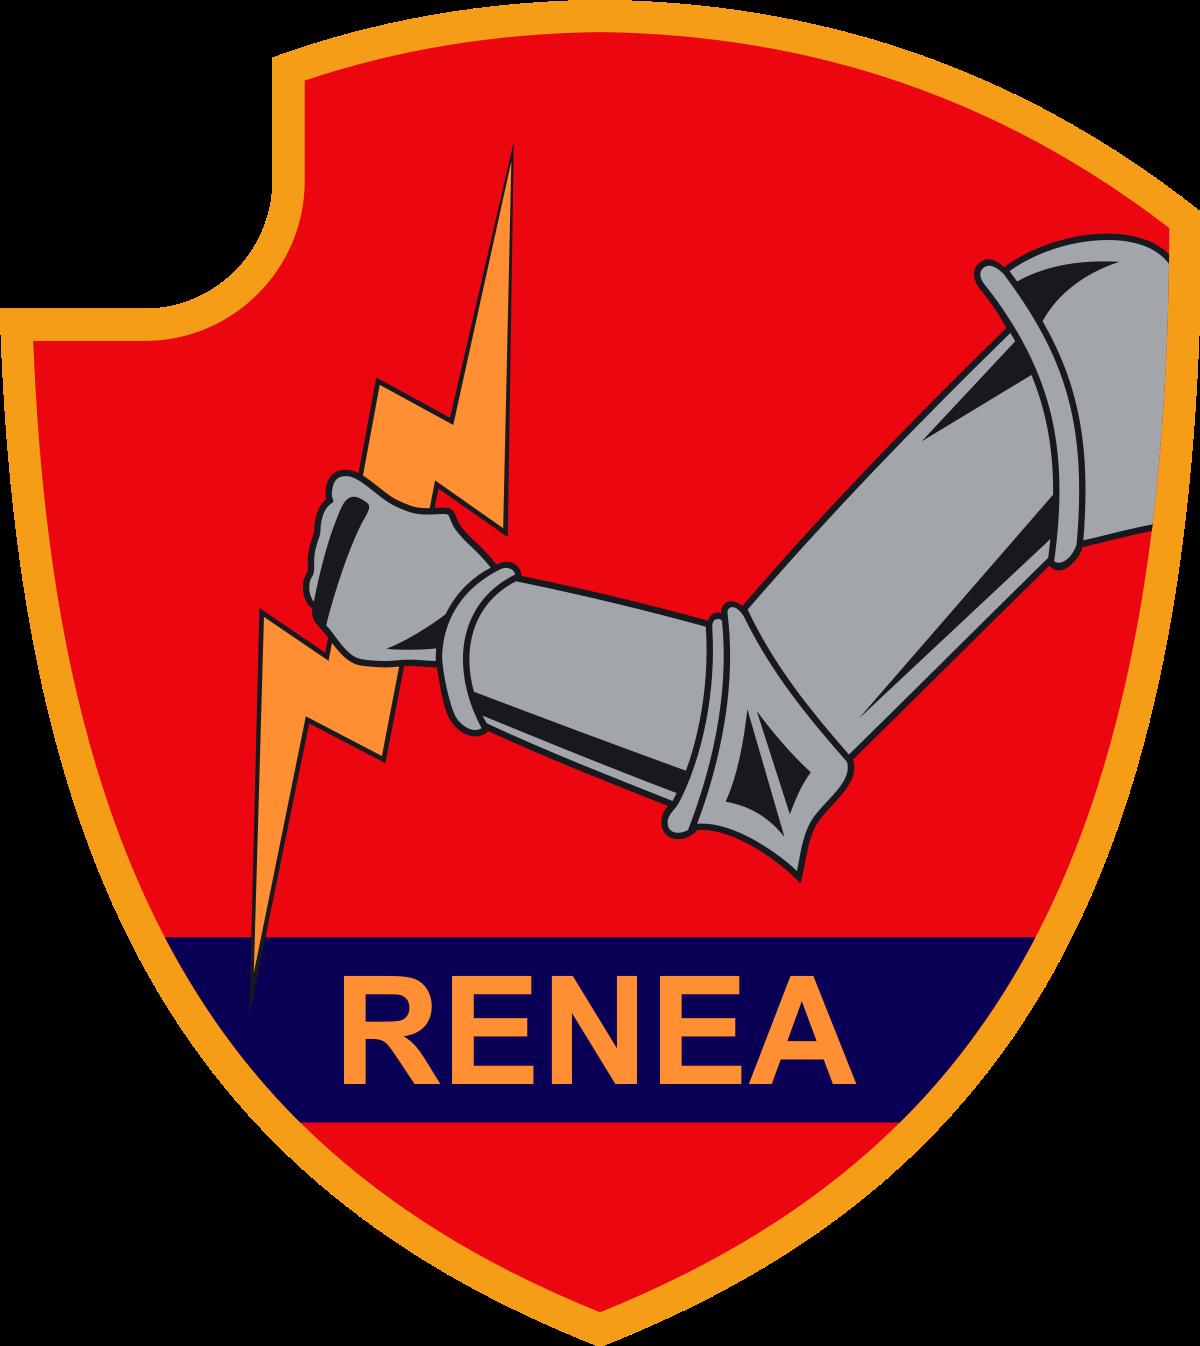 Renea wikipedia . Explosion clipart grenade explosion